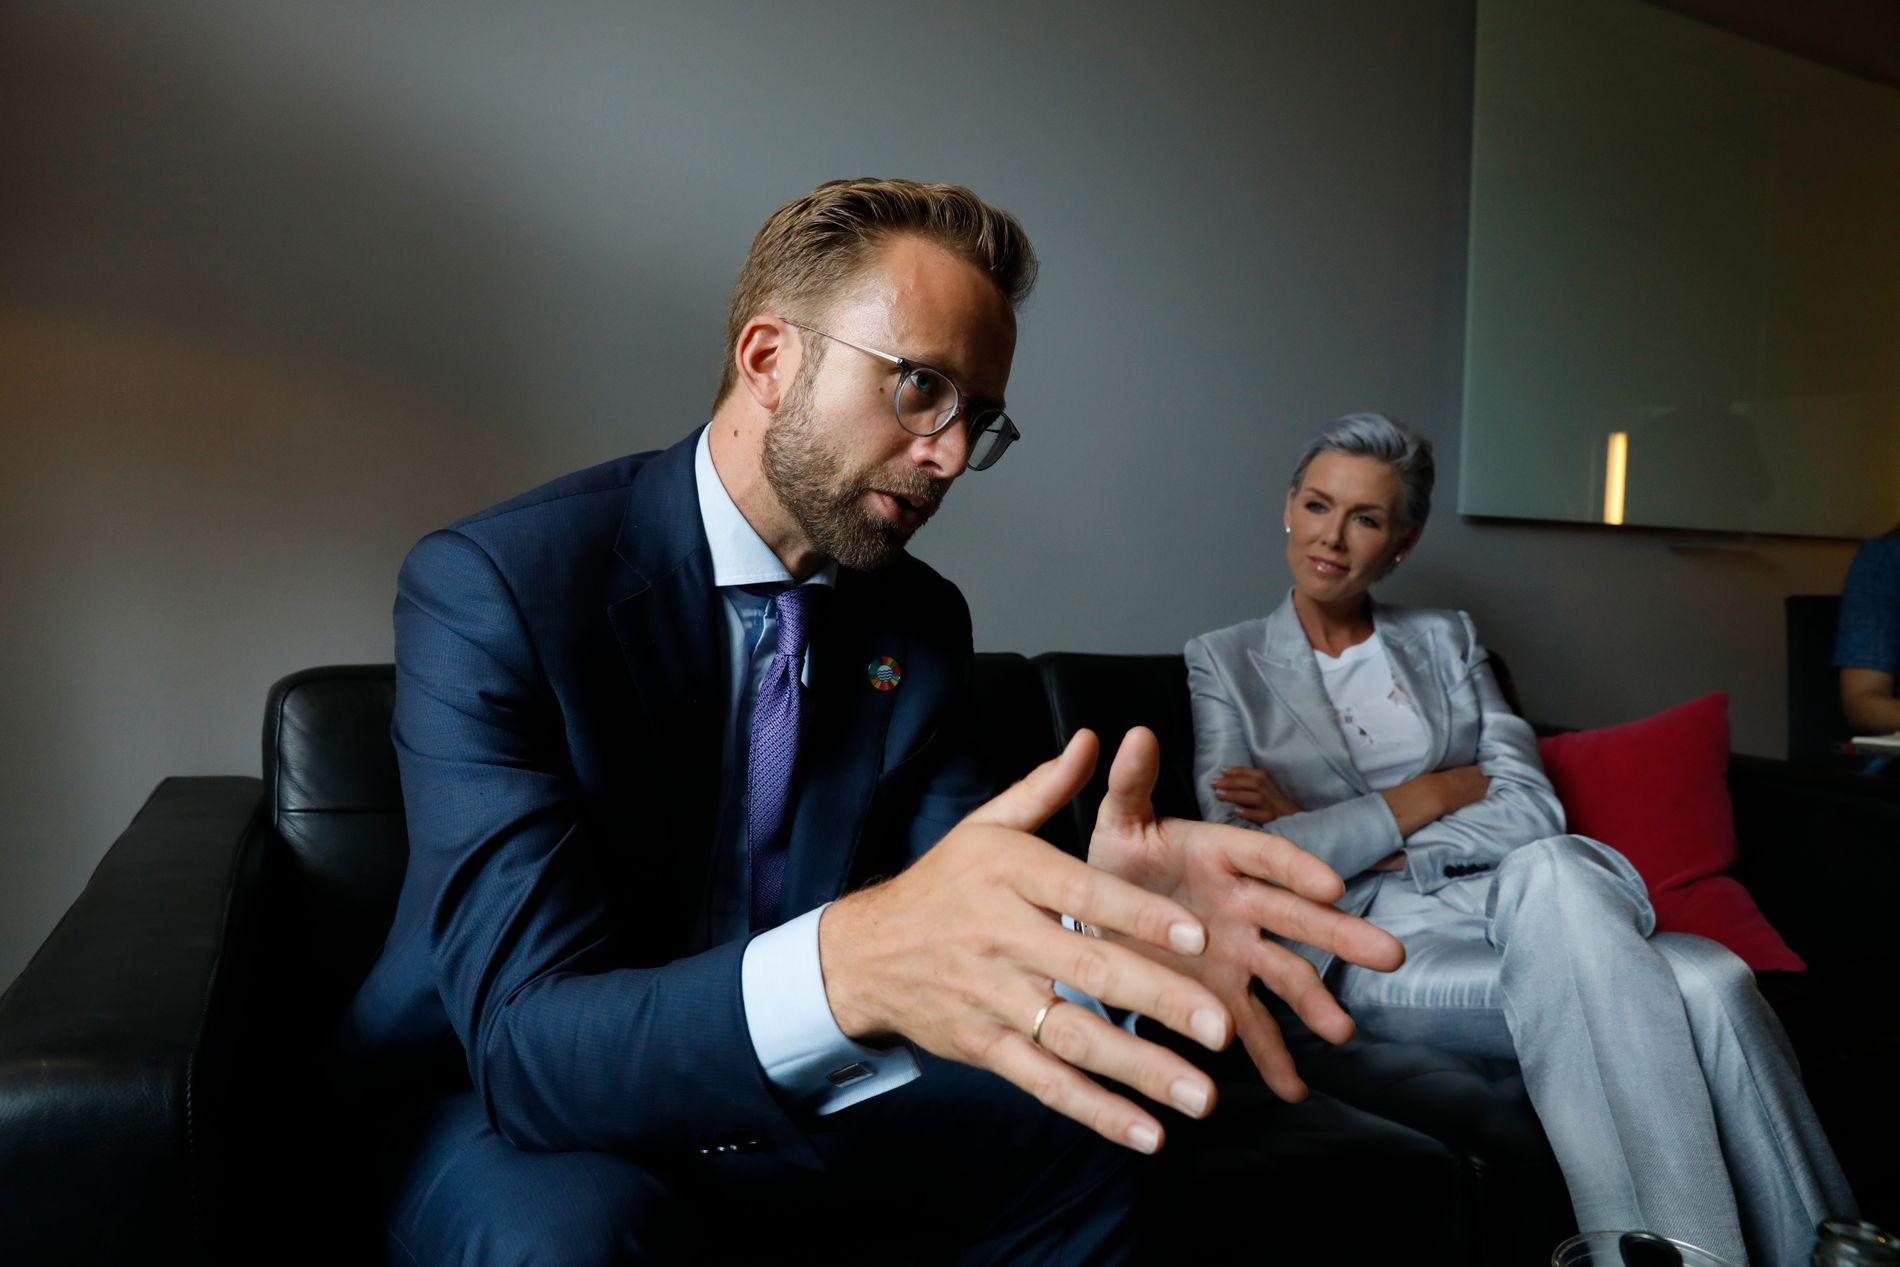 SATSER PÅ HAVET: Utviklingsminister Nikolai Astrup og den norske regjeringens satsing på å redusere marint avfall hylles av Gunhild Stordalen. Mandag møttes de to på EAT-konferansen i Stockholm.